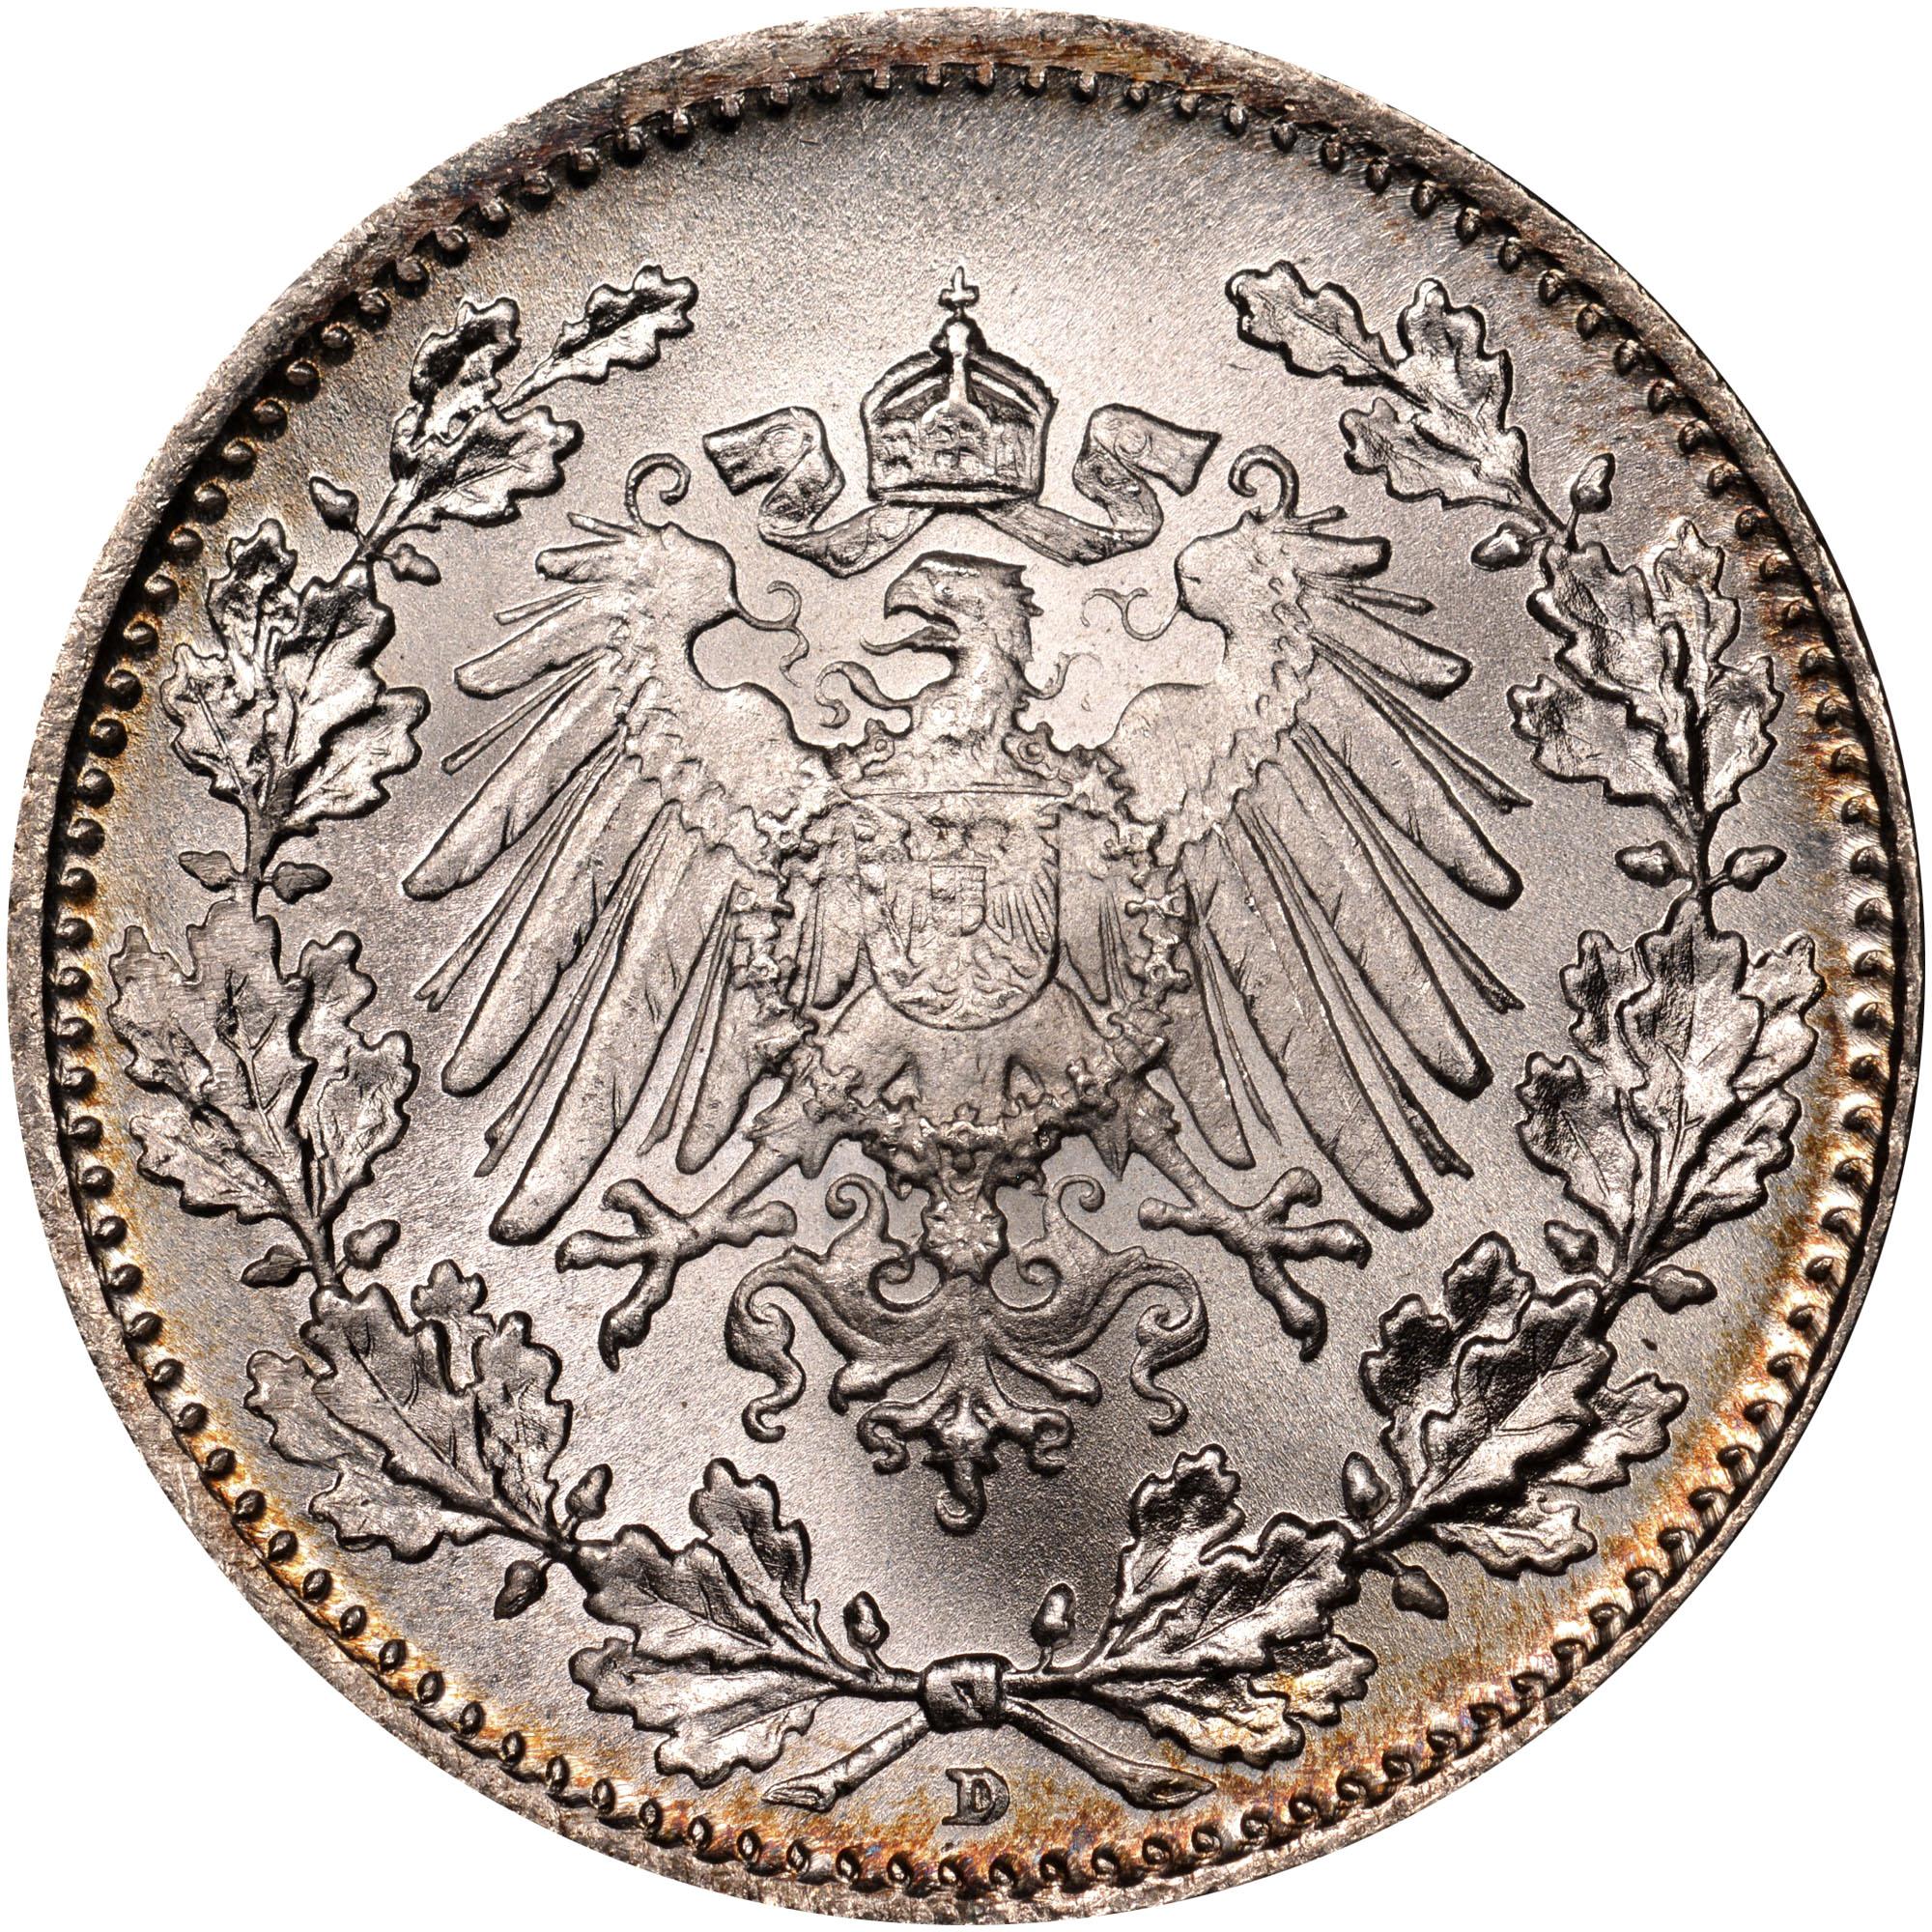 1808/7-1919/1619 Germany - Empire 1/2 Mark reverse